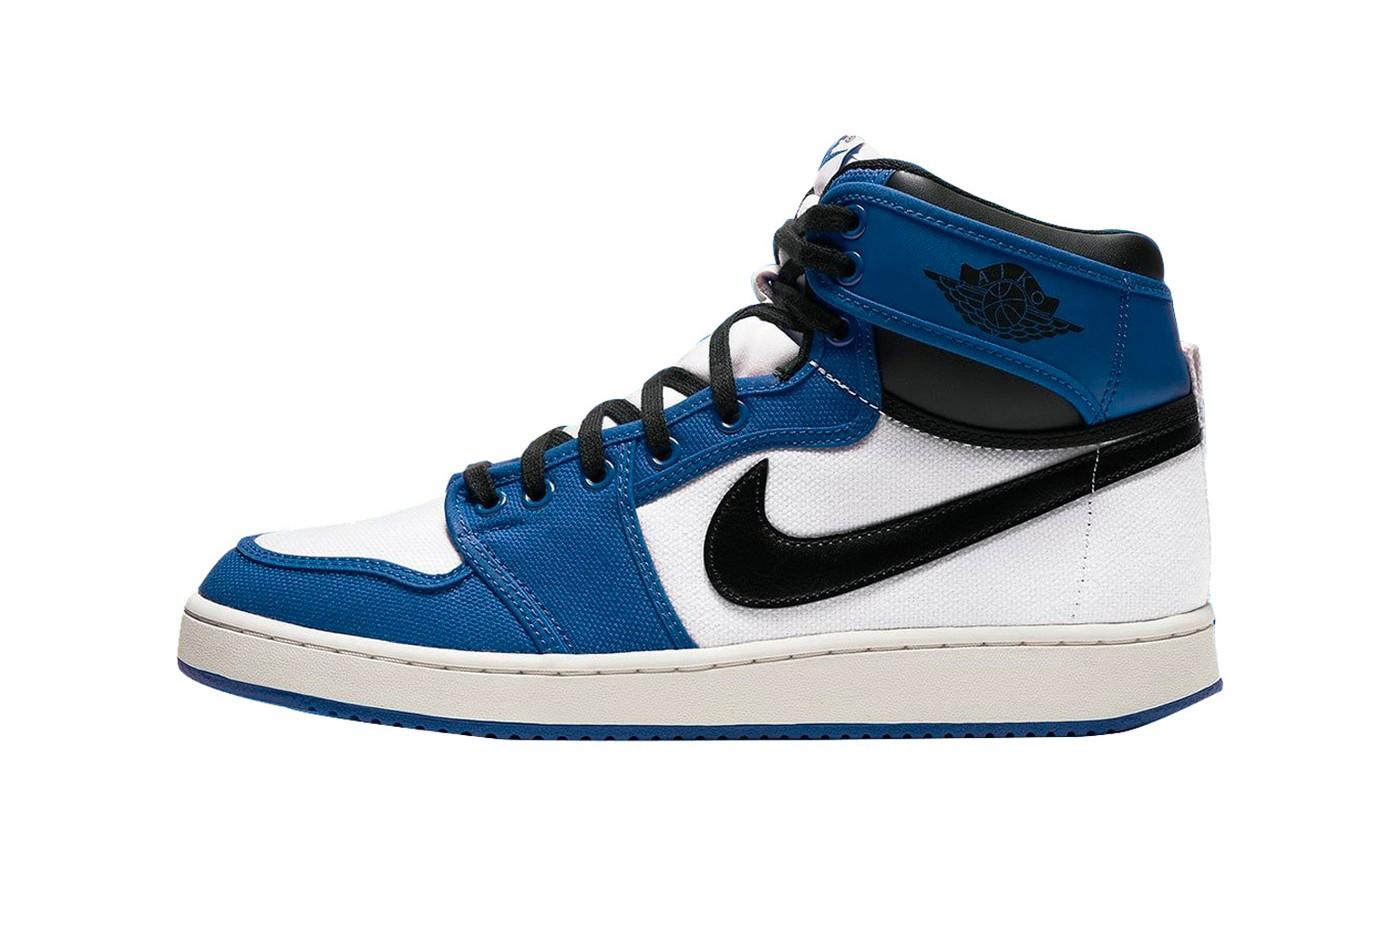 Nike Air Jordan 1 KO Storm Blue